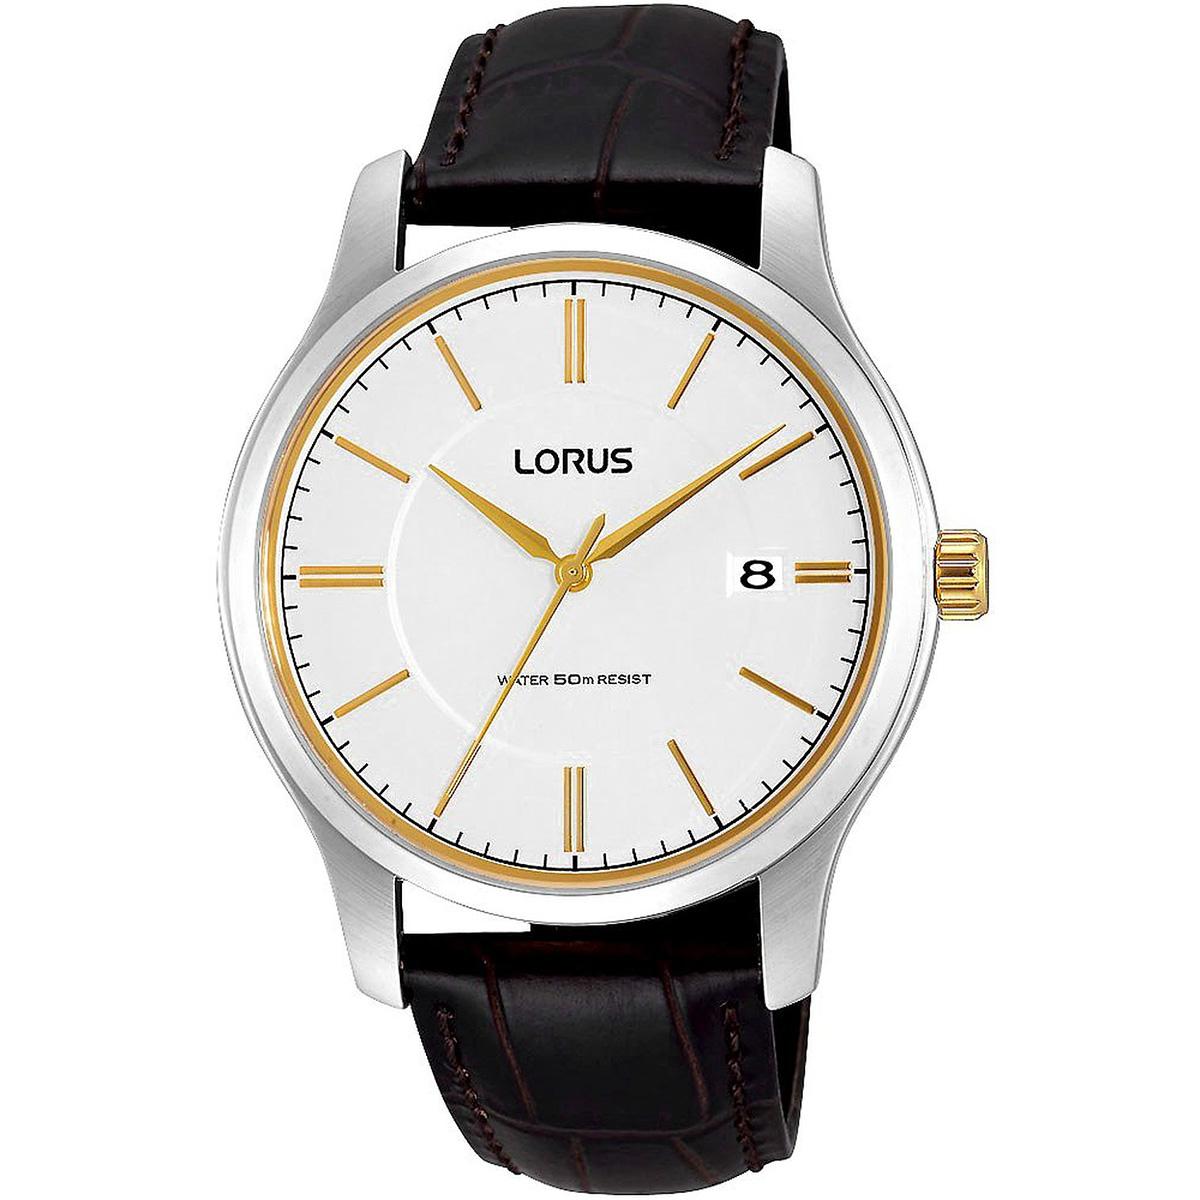 【残り1点】LORUS ローラス クォーツ 腕時計 メンズ [RS967BX9] 並行輸入品 純正ケース付き メーカー保証24ヶ月